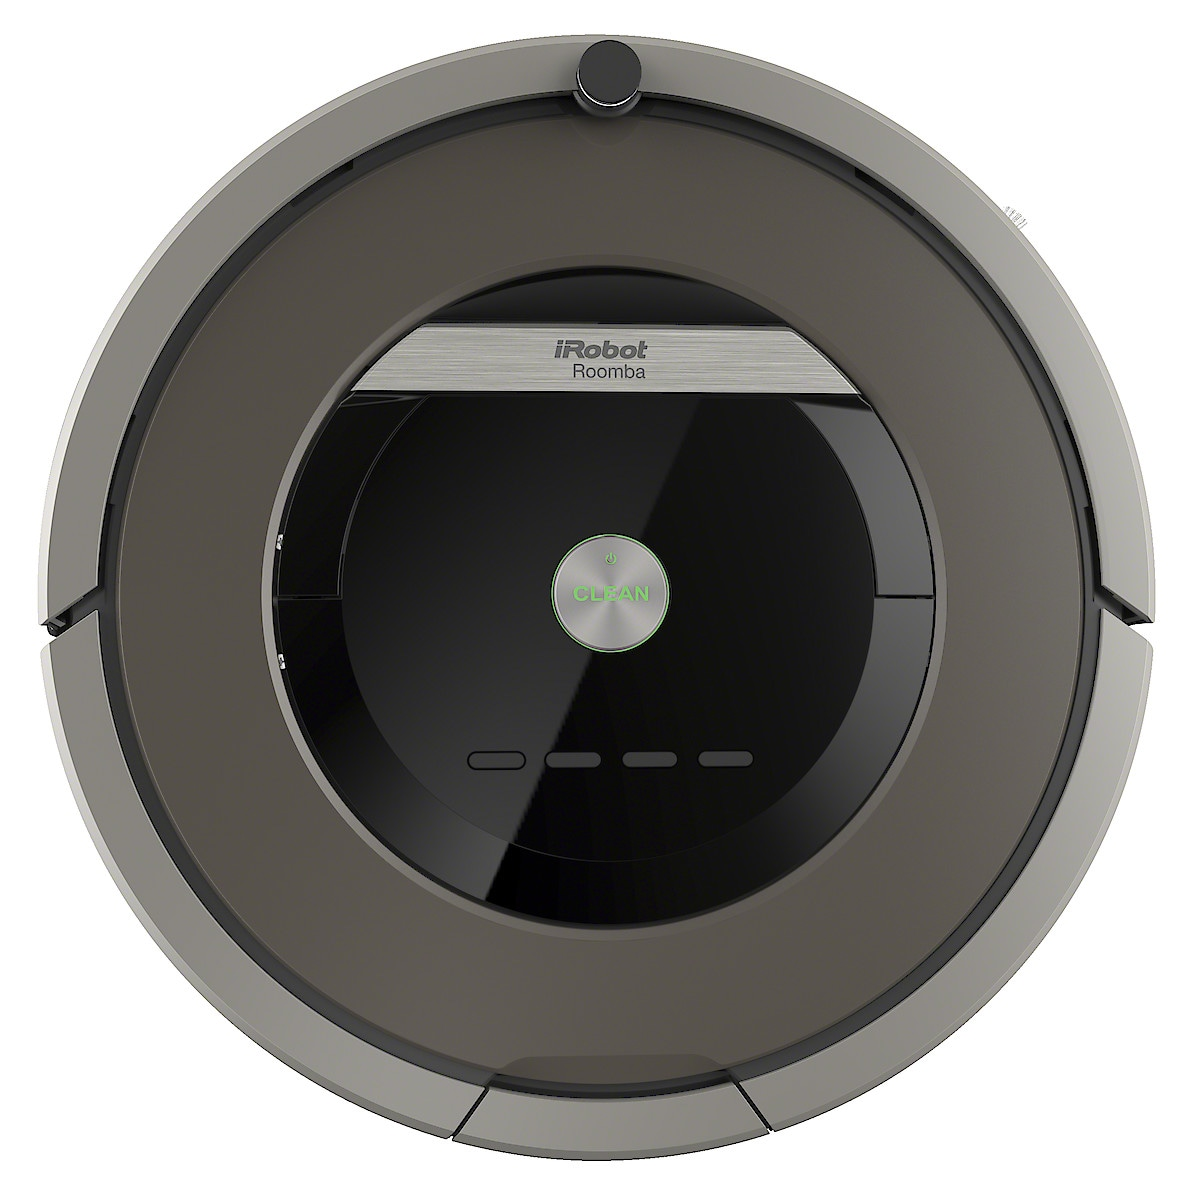 Robotdammsugare iRobot Roomba 871